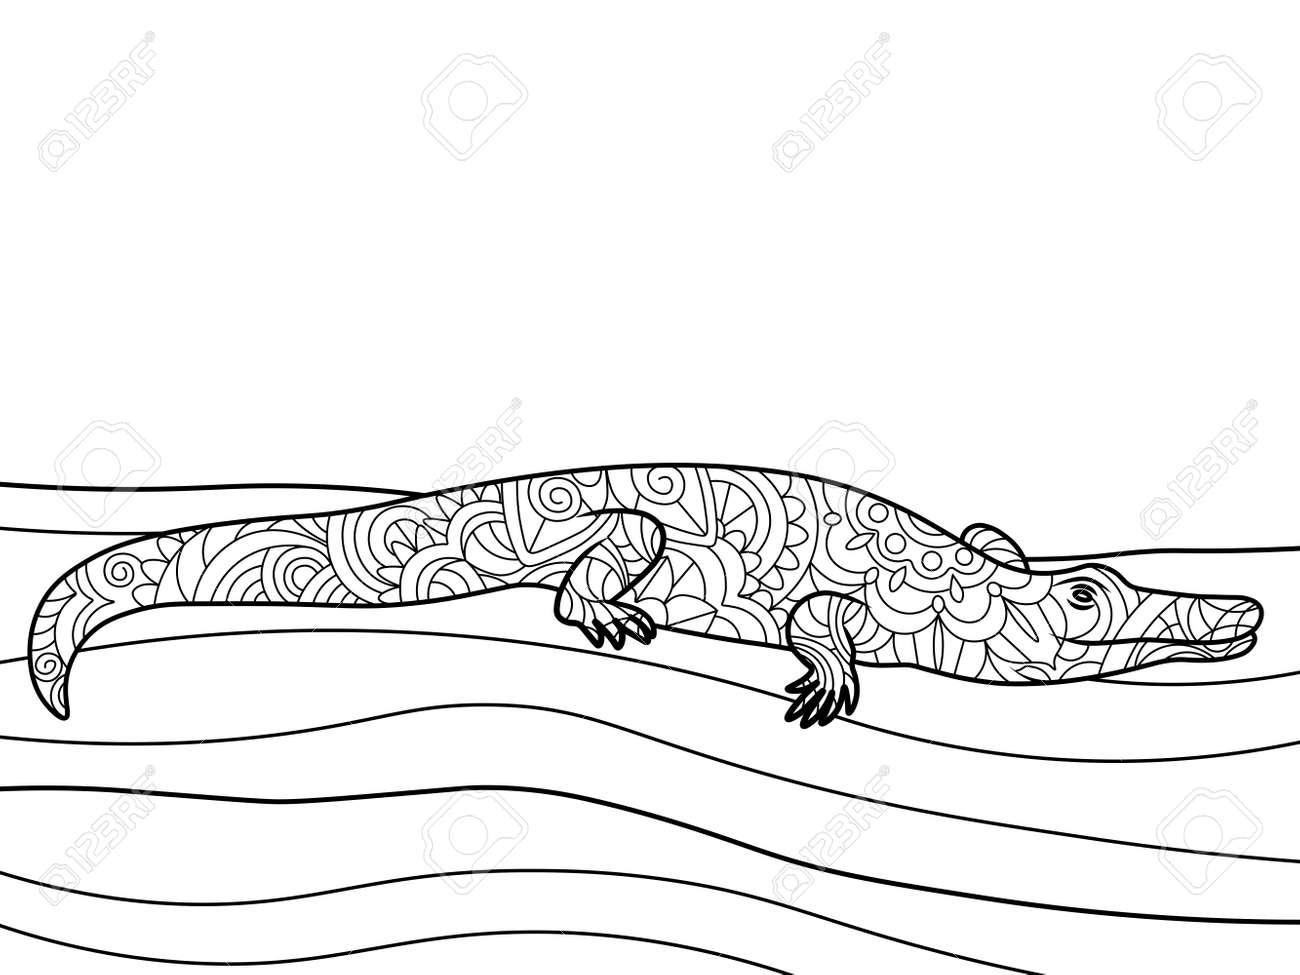 Excepcional Colorante Adulto Imprimible Molde - Dibujos de Animales ...